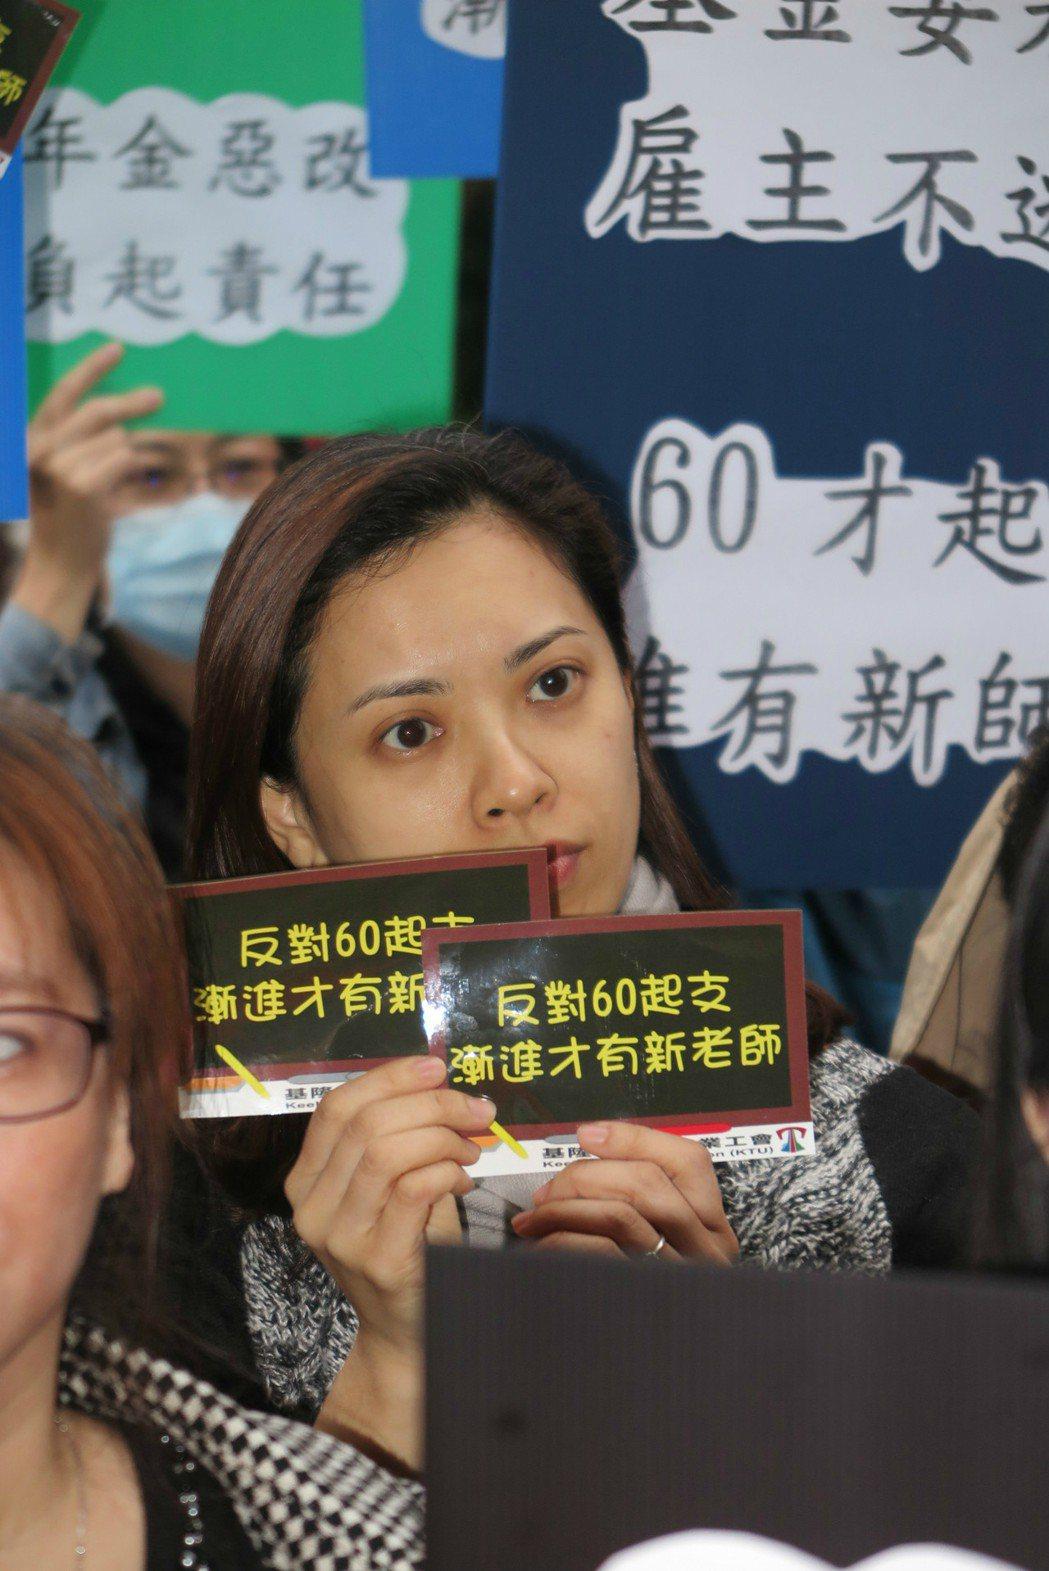 基隆200名教師今天上街頭吶喊,表達對年金改革的不滿,簽下聯署書。記者林孟潔/攝...